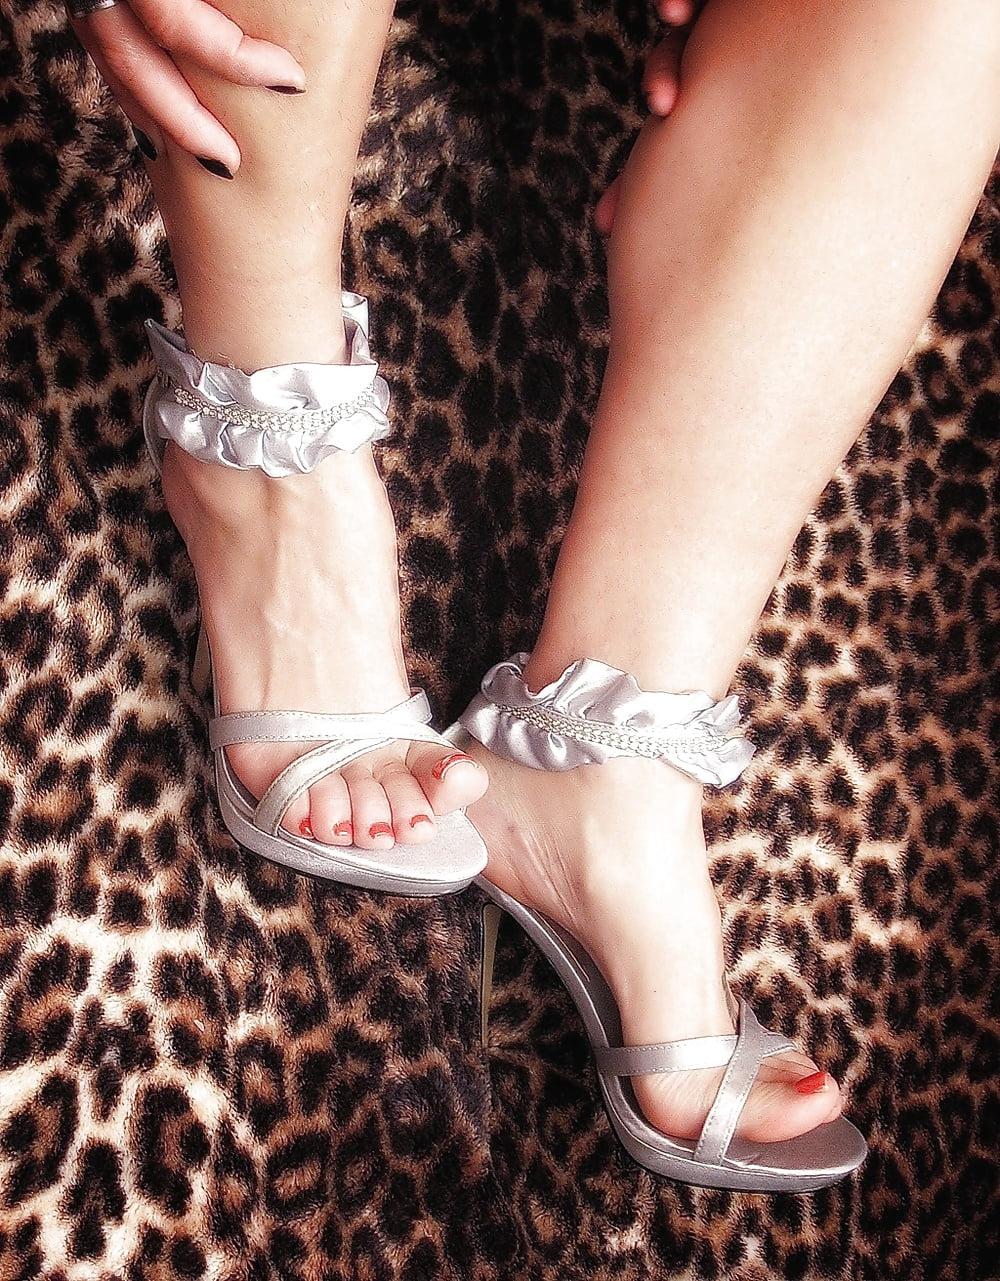 Hot bryci heels feet buxom heavy top